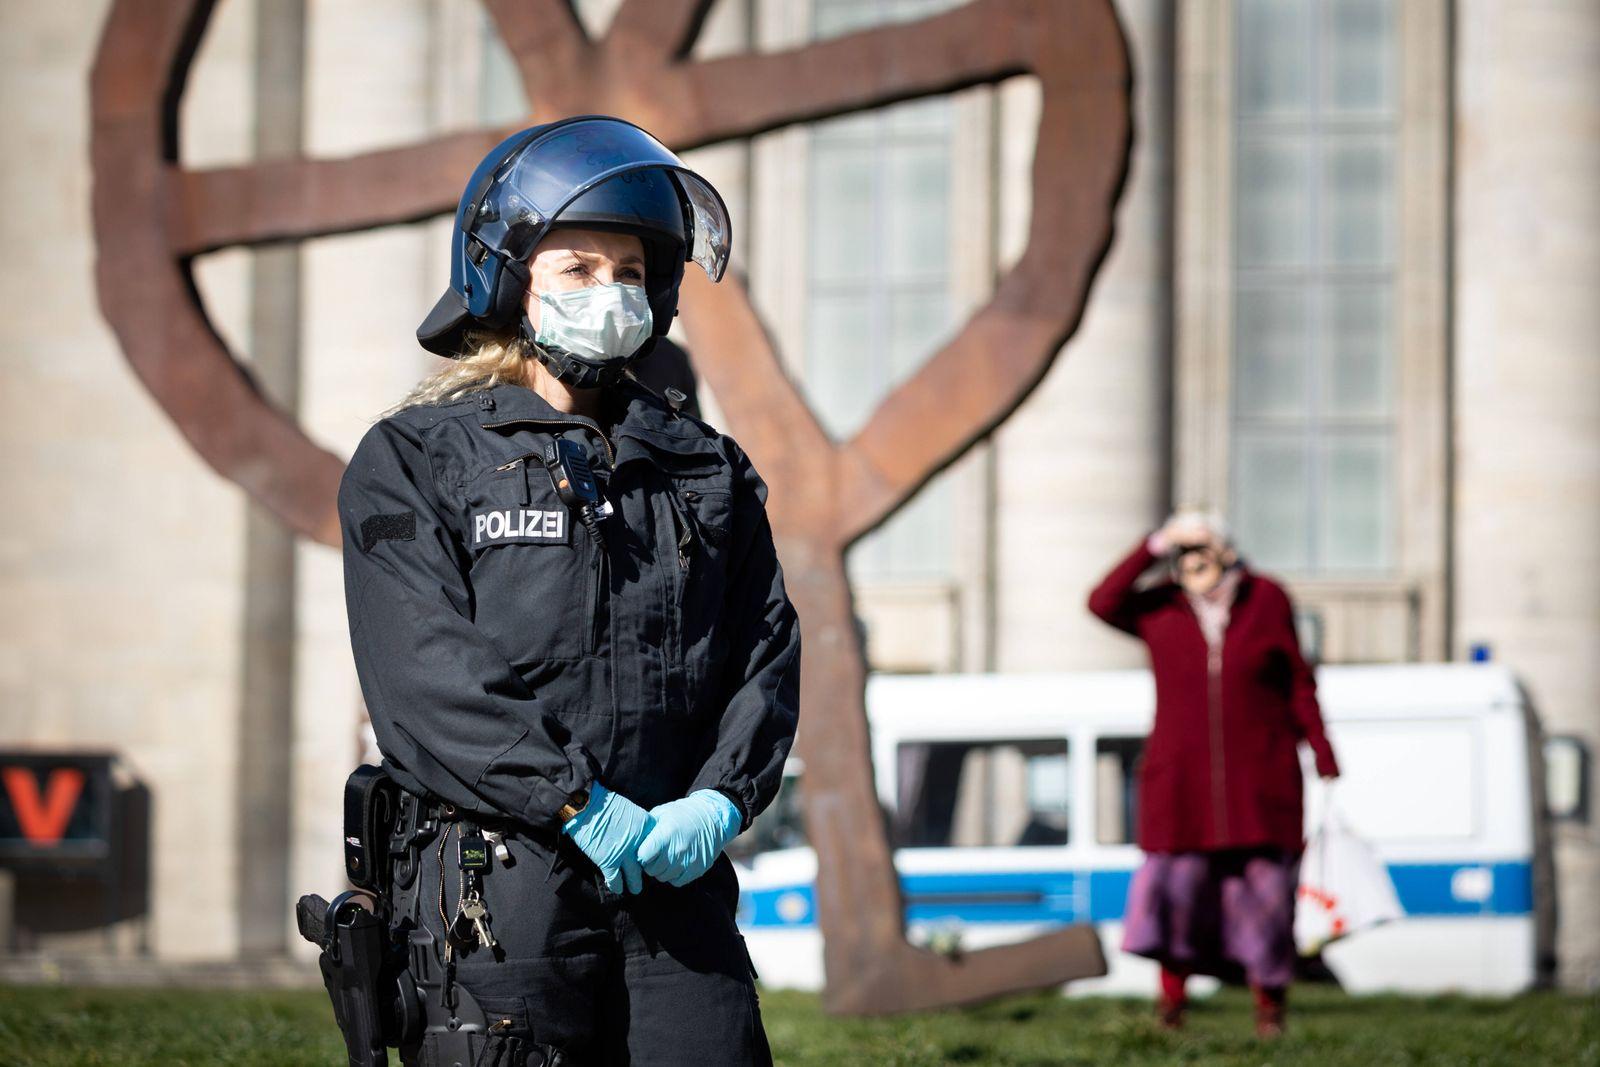 Verschwörungstheoretiker protestieren gg Corona-Einschränkungen Eine Polizistin mit Atemschutzmaske vor der Volksbühne a